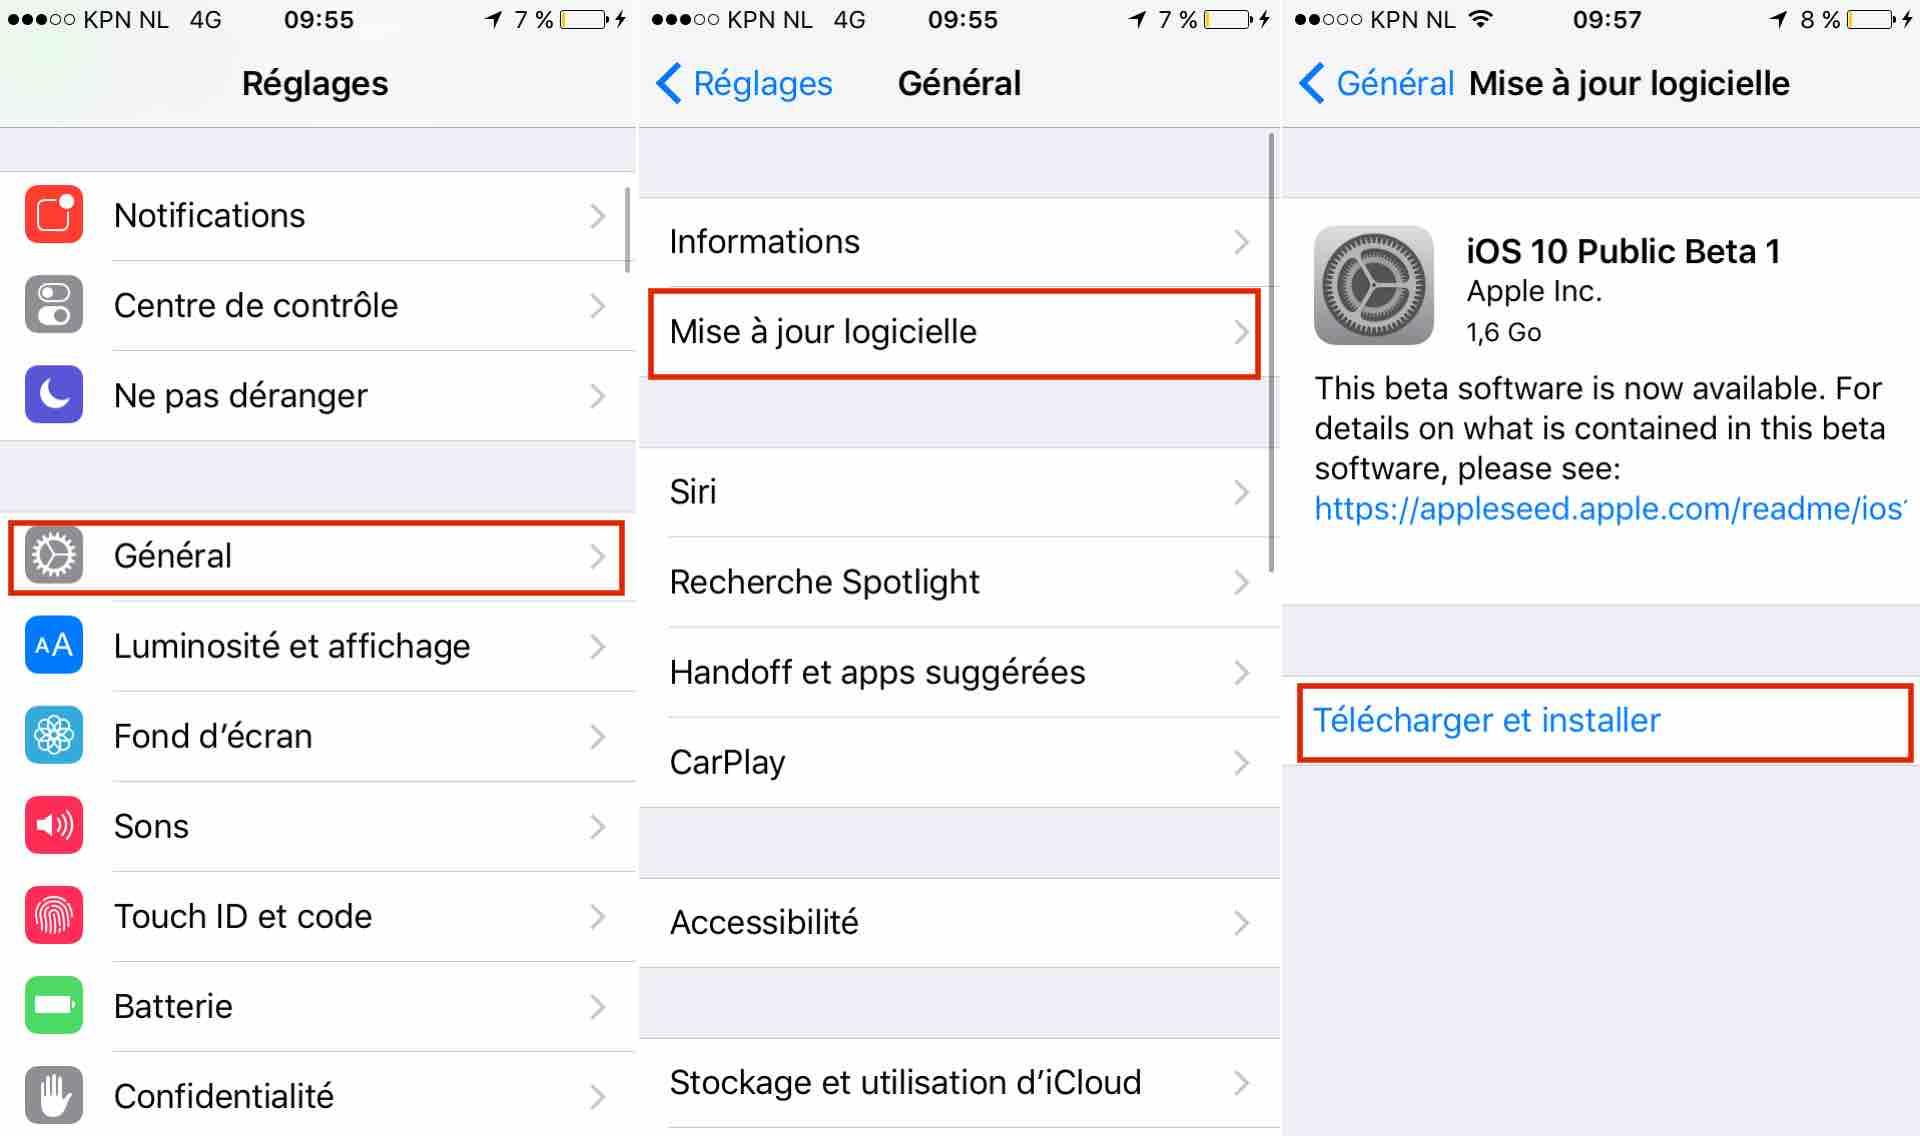 installer iOS 10 bêta sur votre iPhone, iPad et iPod Touch